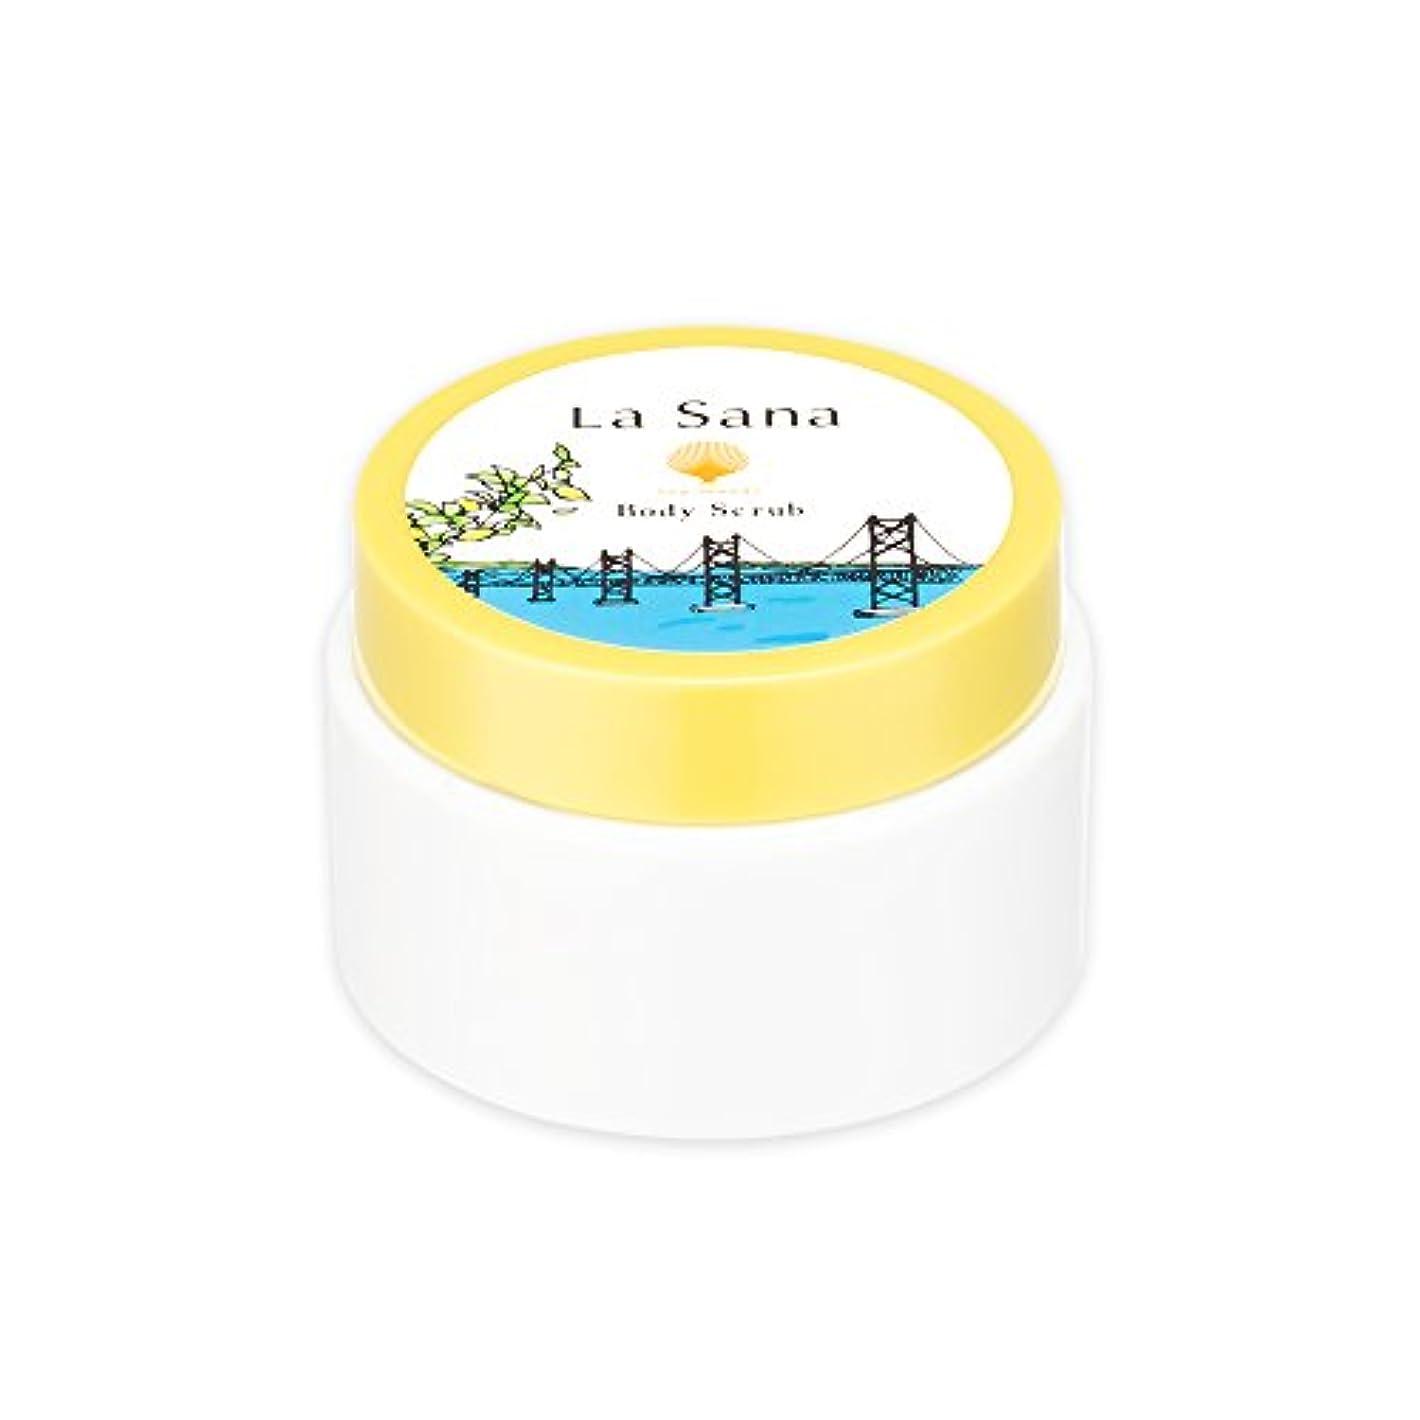 非アクティブ健康鈍いラサーナ La sana 海藻 ボディ スクラブ 100g 限定 瀬戸内レモンの香り ボディケア 日本製 (約1ヵ月分)